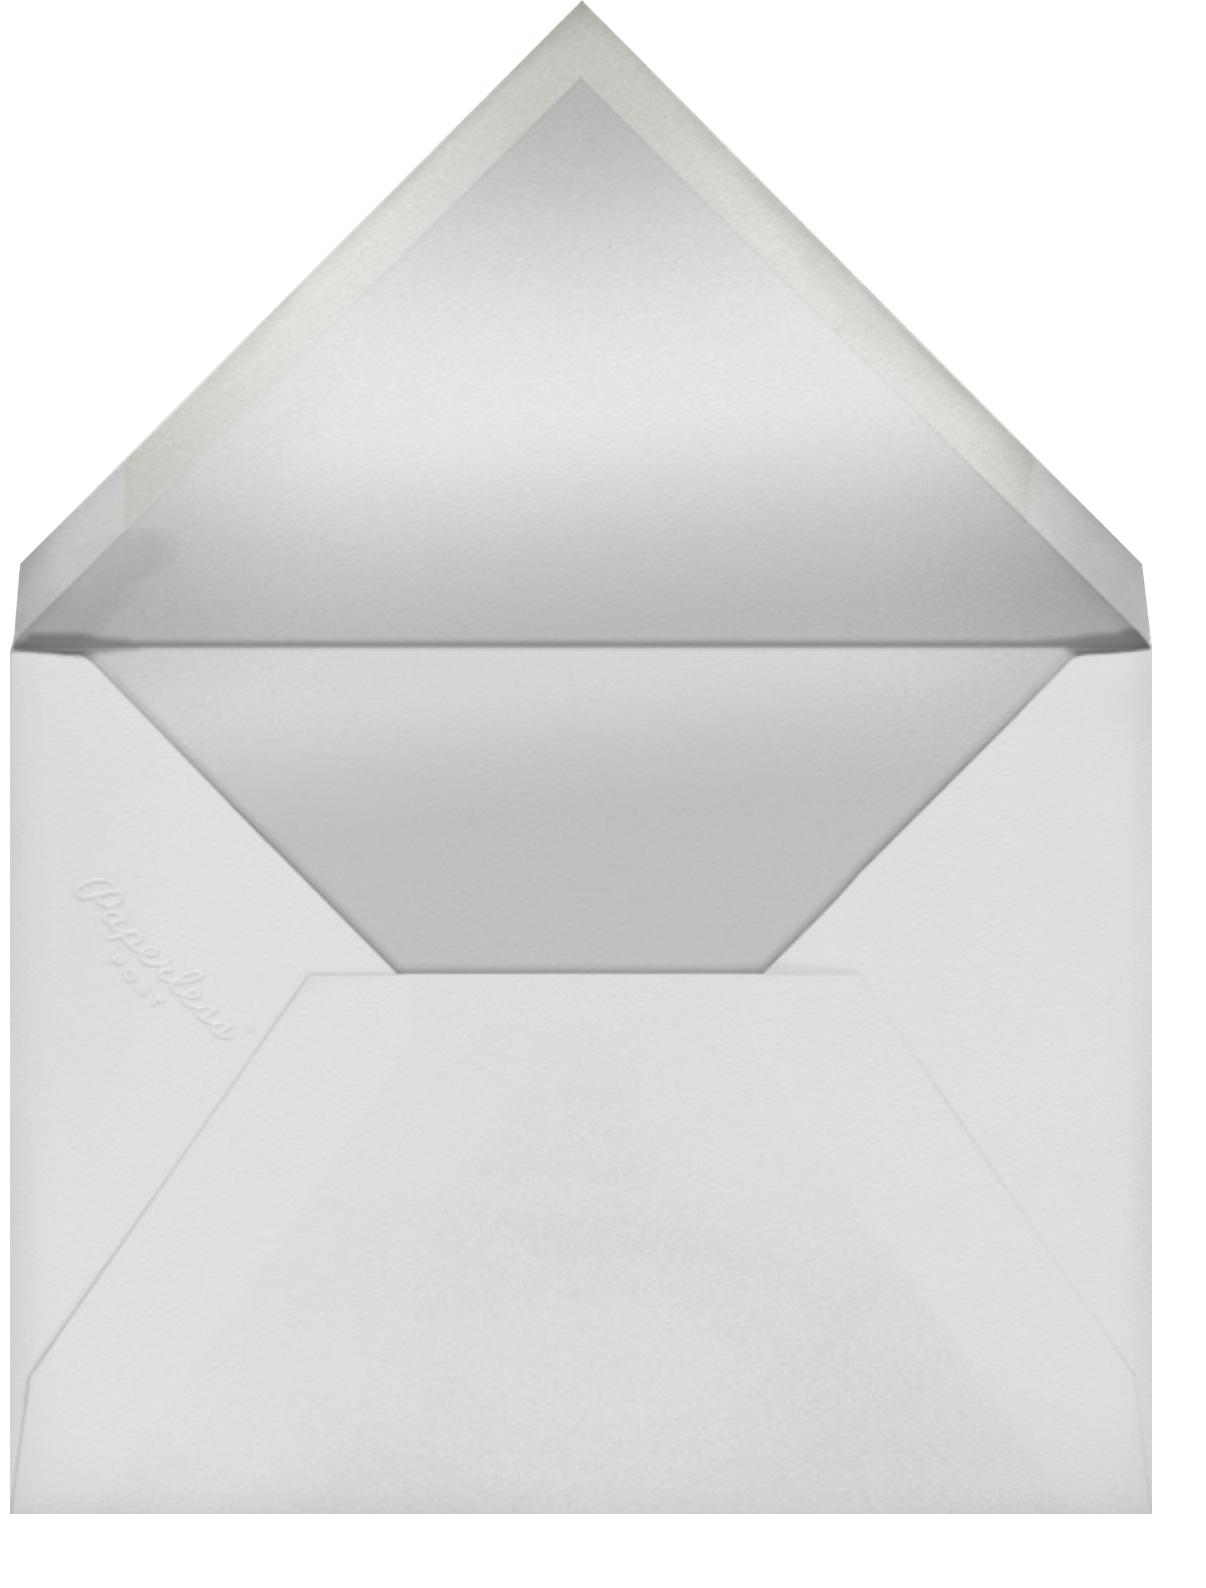 Specimen - Slate - Paperless Post - Envelope